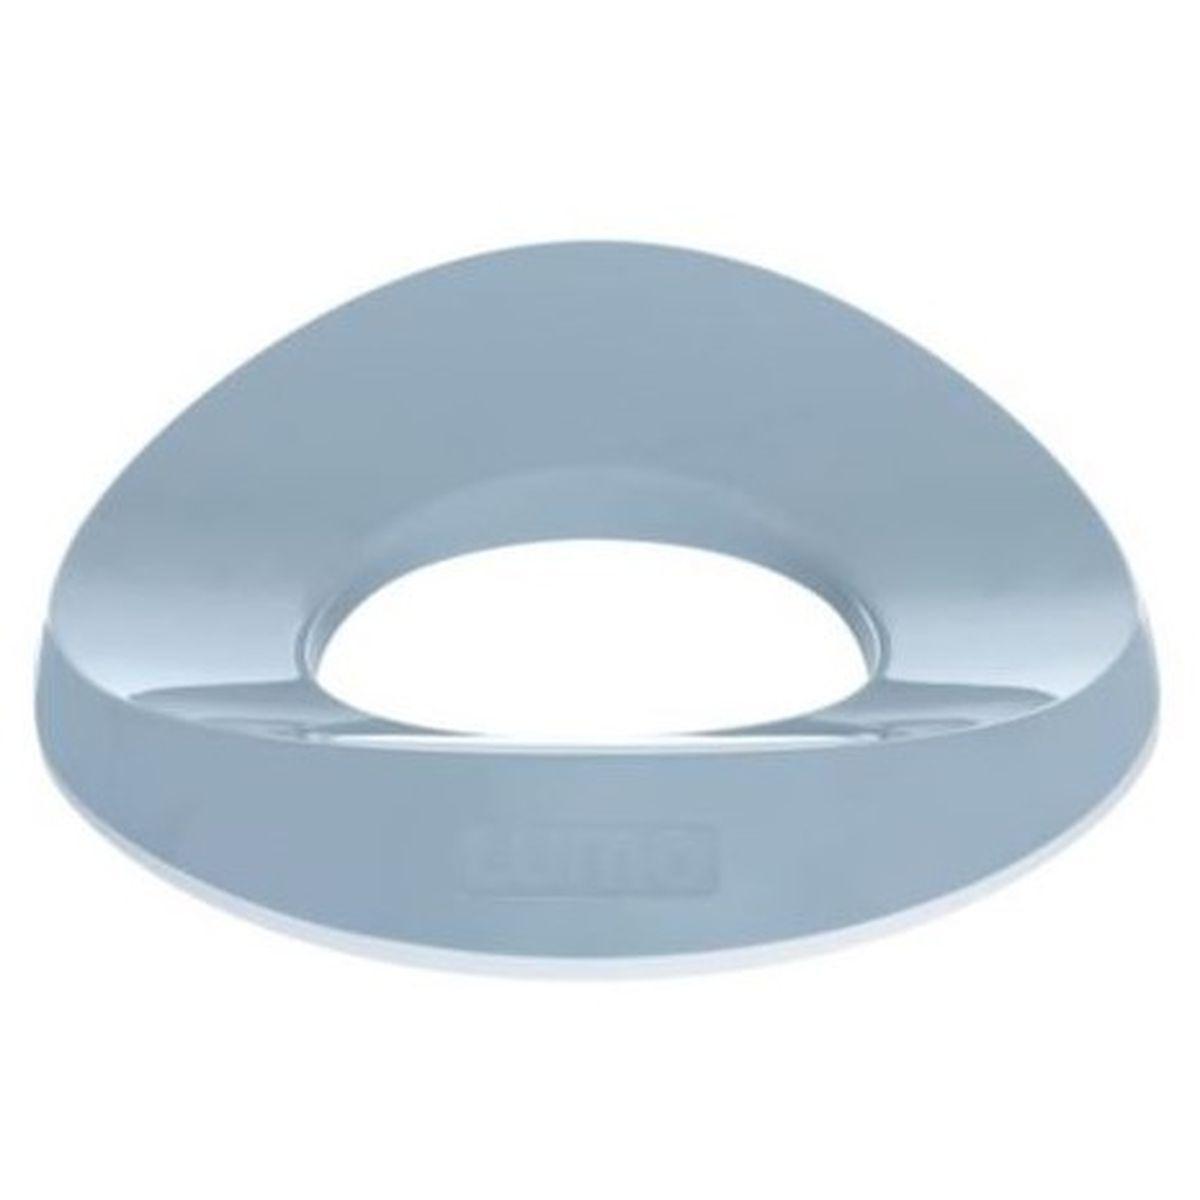 Réducteur WC CELESTIAL BLUE Luma